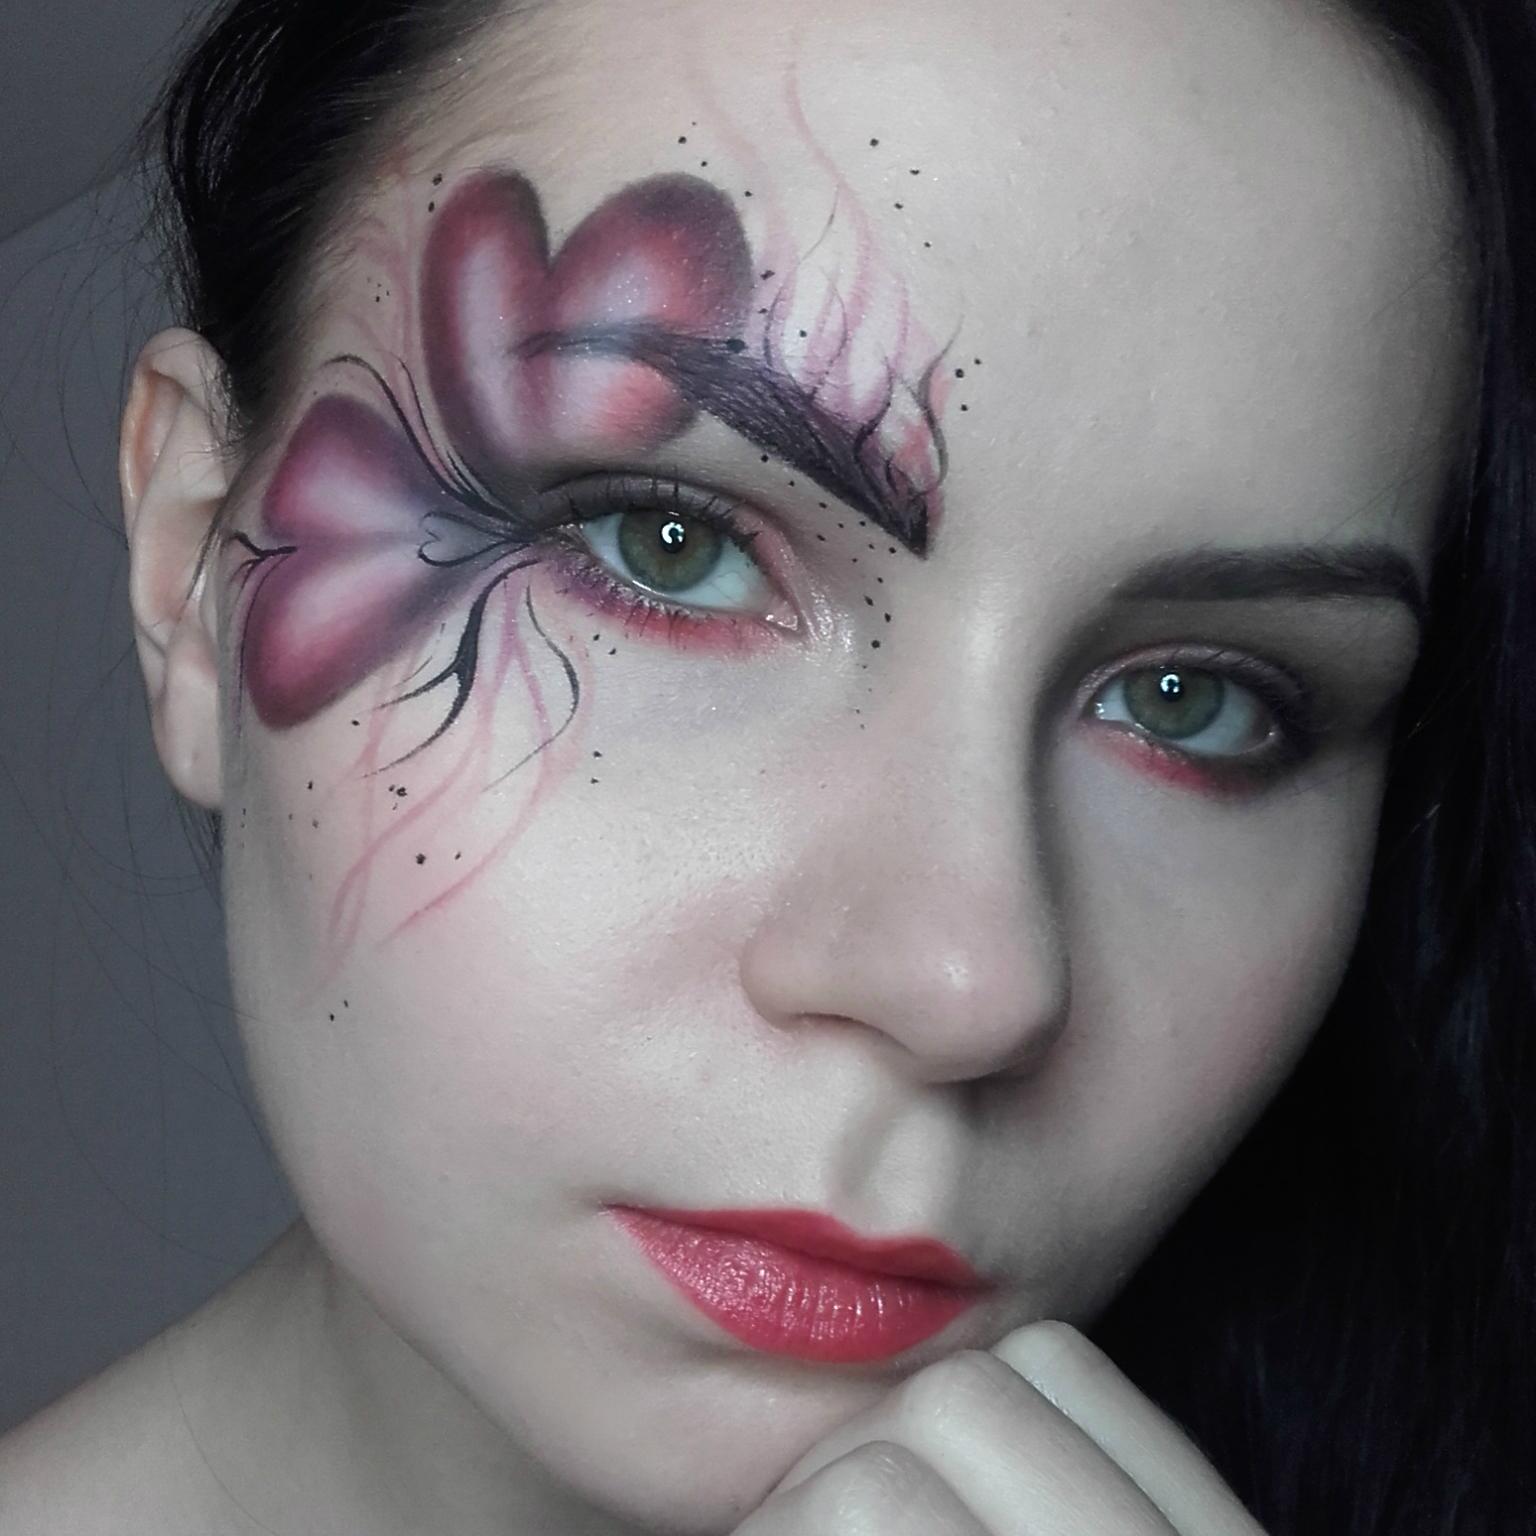 Makijaż Artystyczny W Walentynkowym Klimacie Uroda Zblogowani